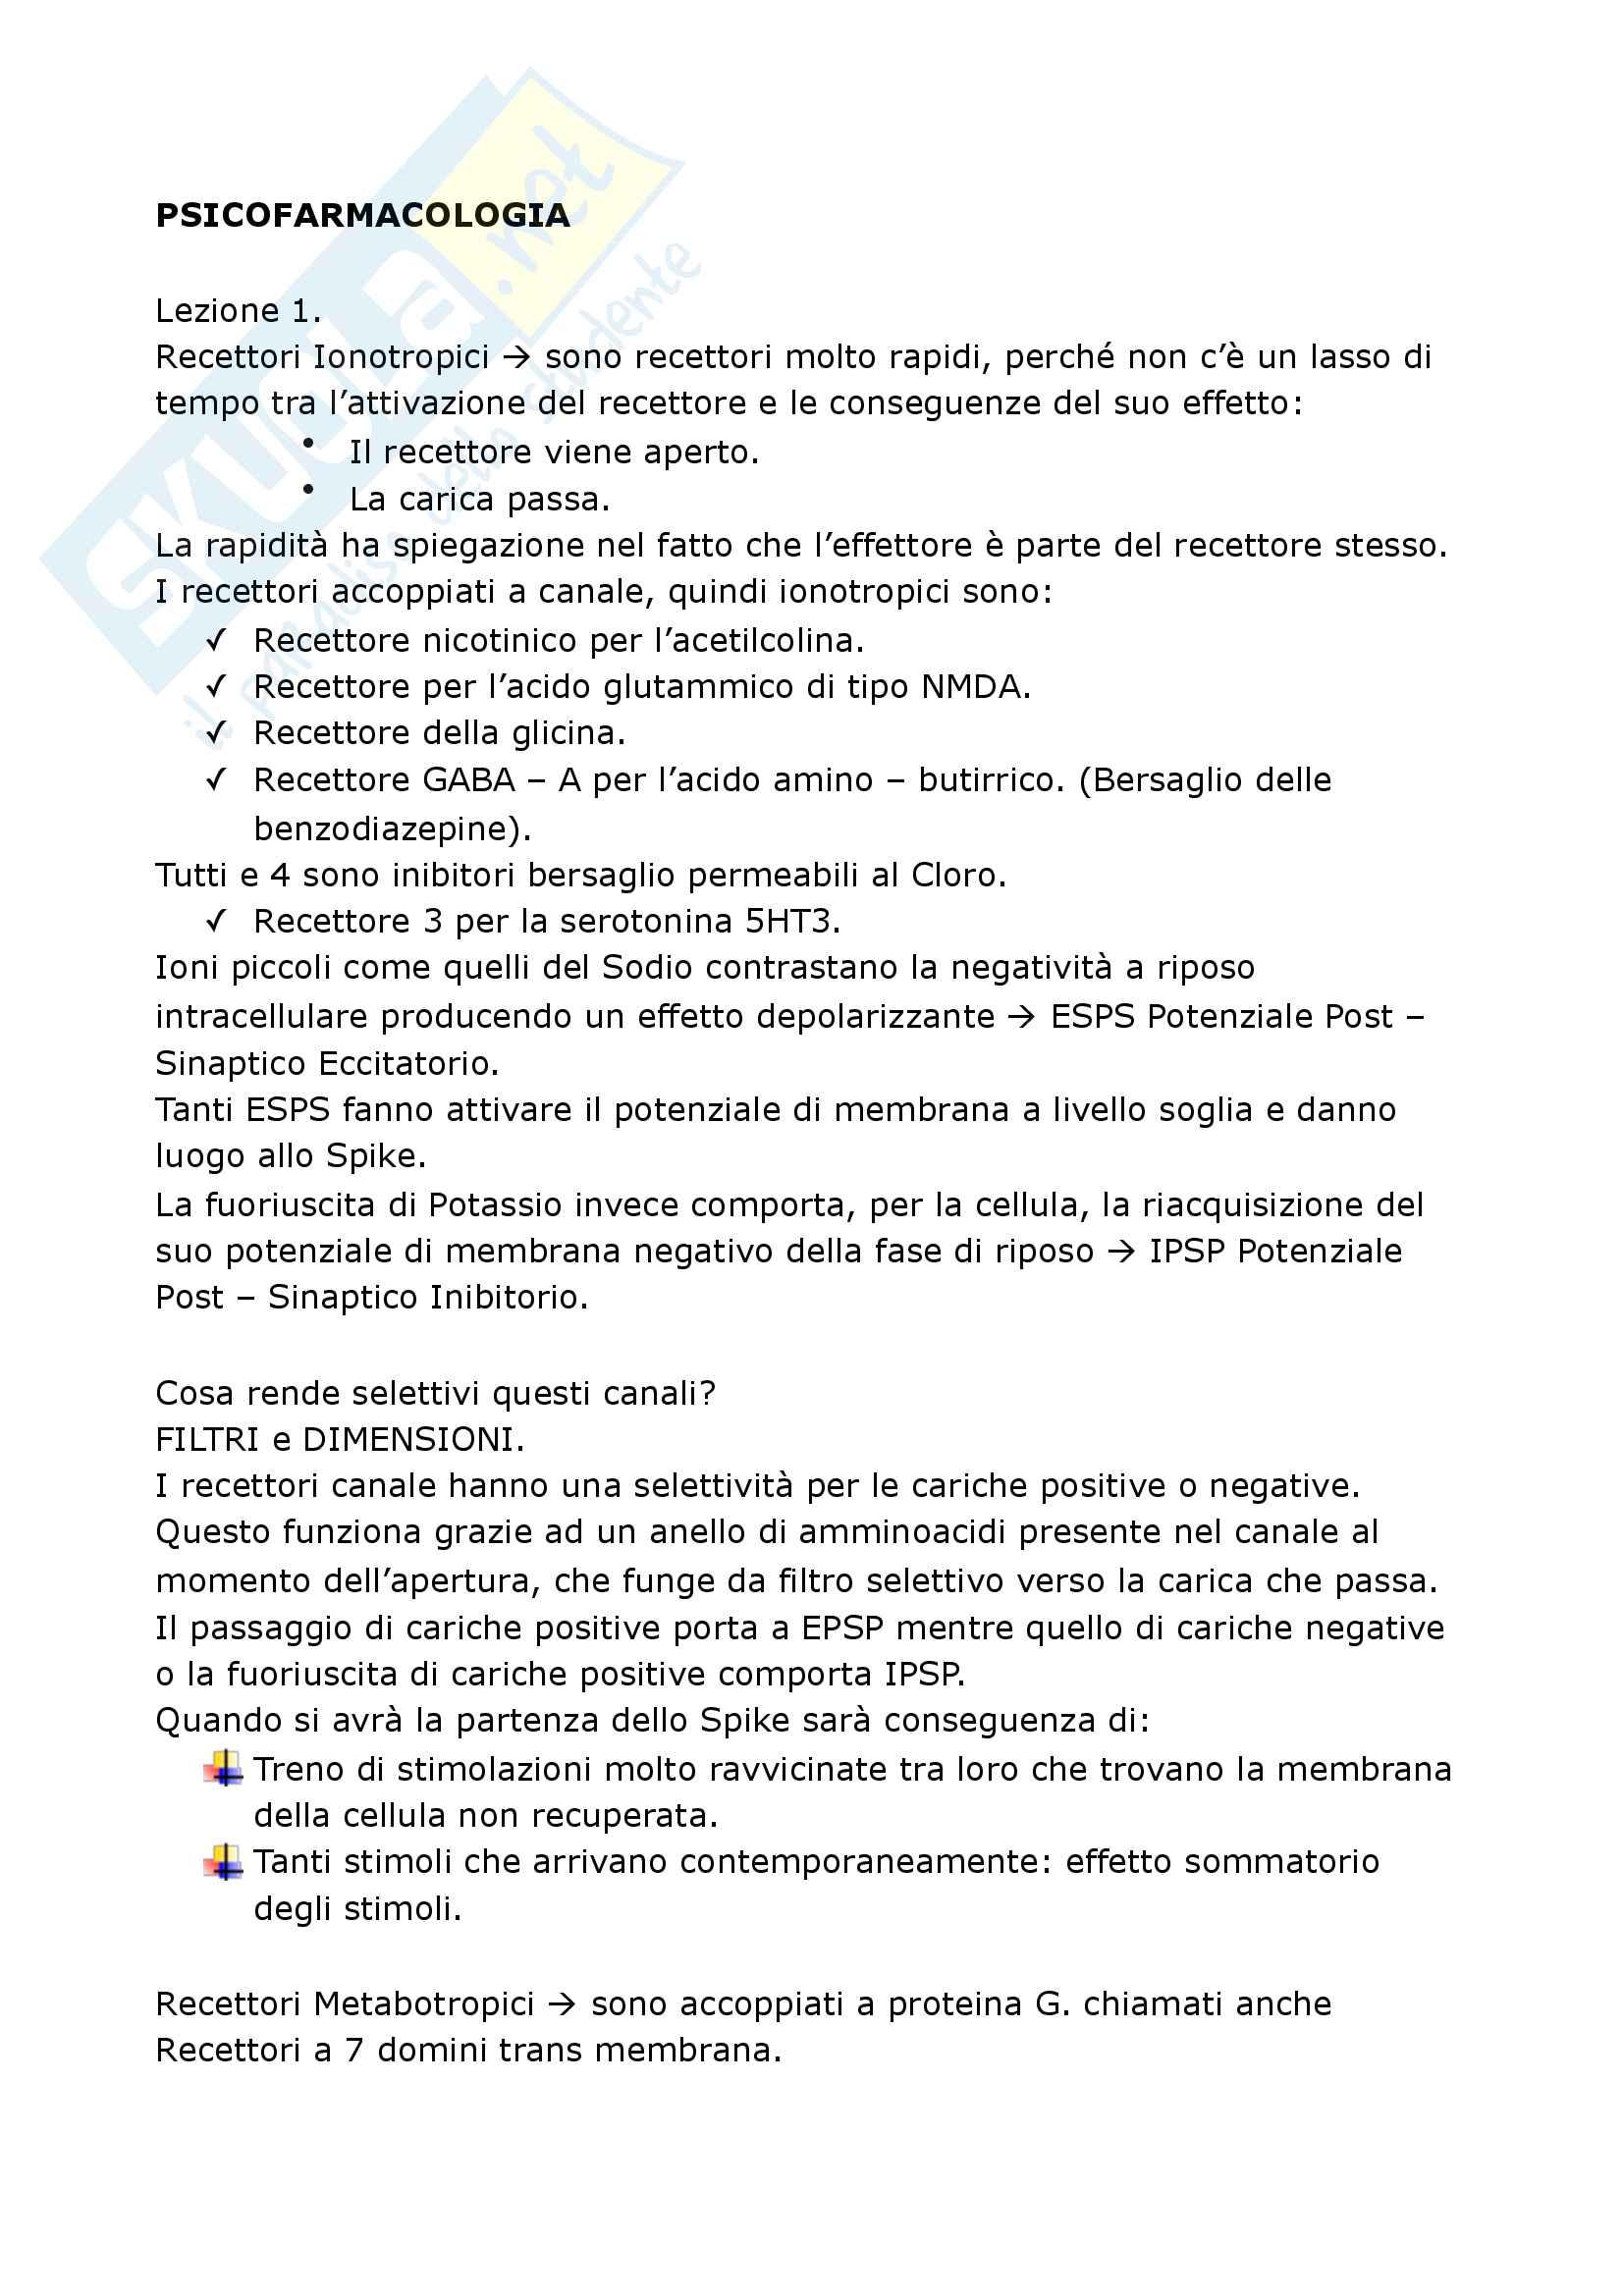 Riassunto esame Psicofarmacologia, prof. Chiarugi, Blandina, Geppetti e Corradetti, libro consigliato Farmacologia, Govoni S